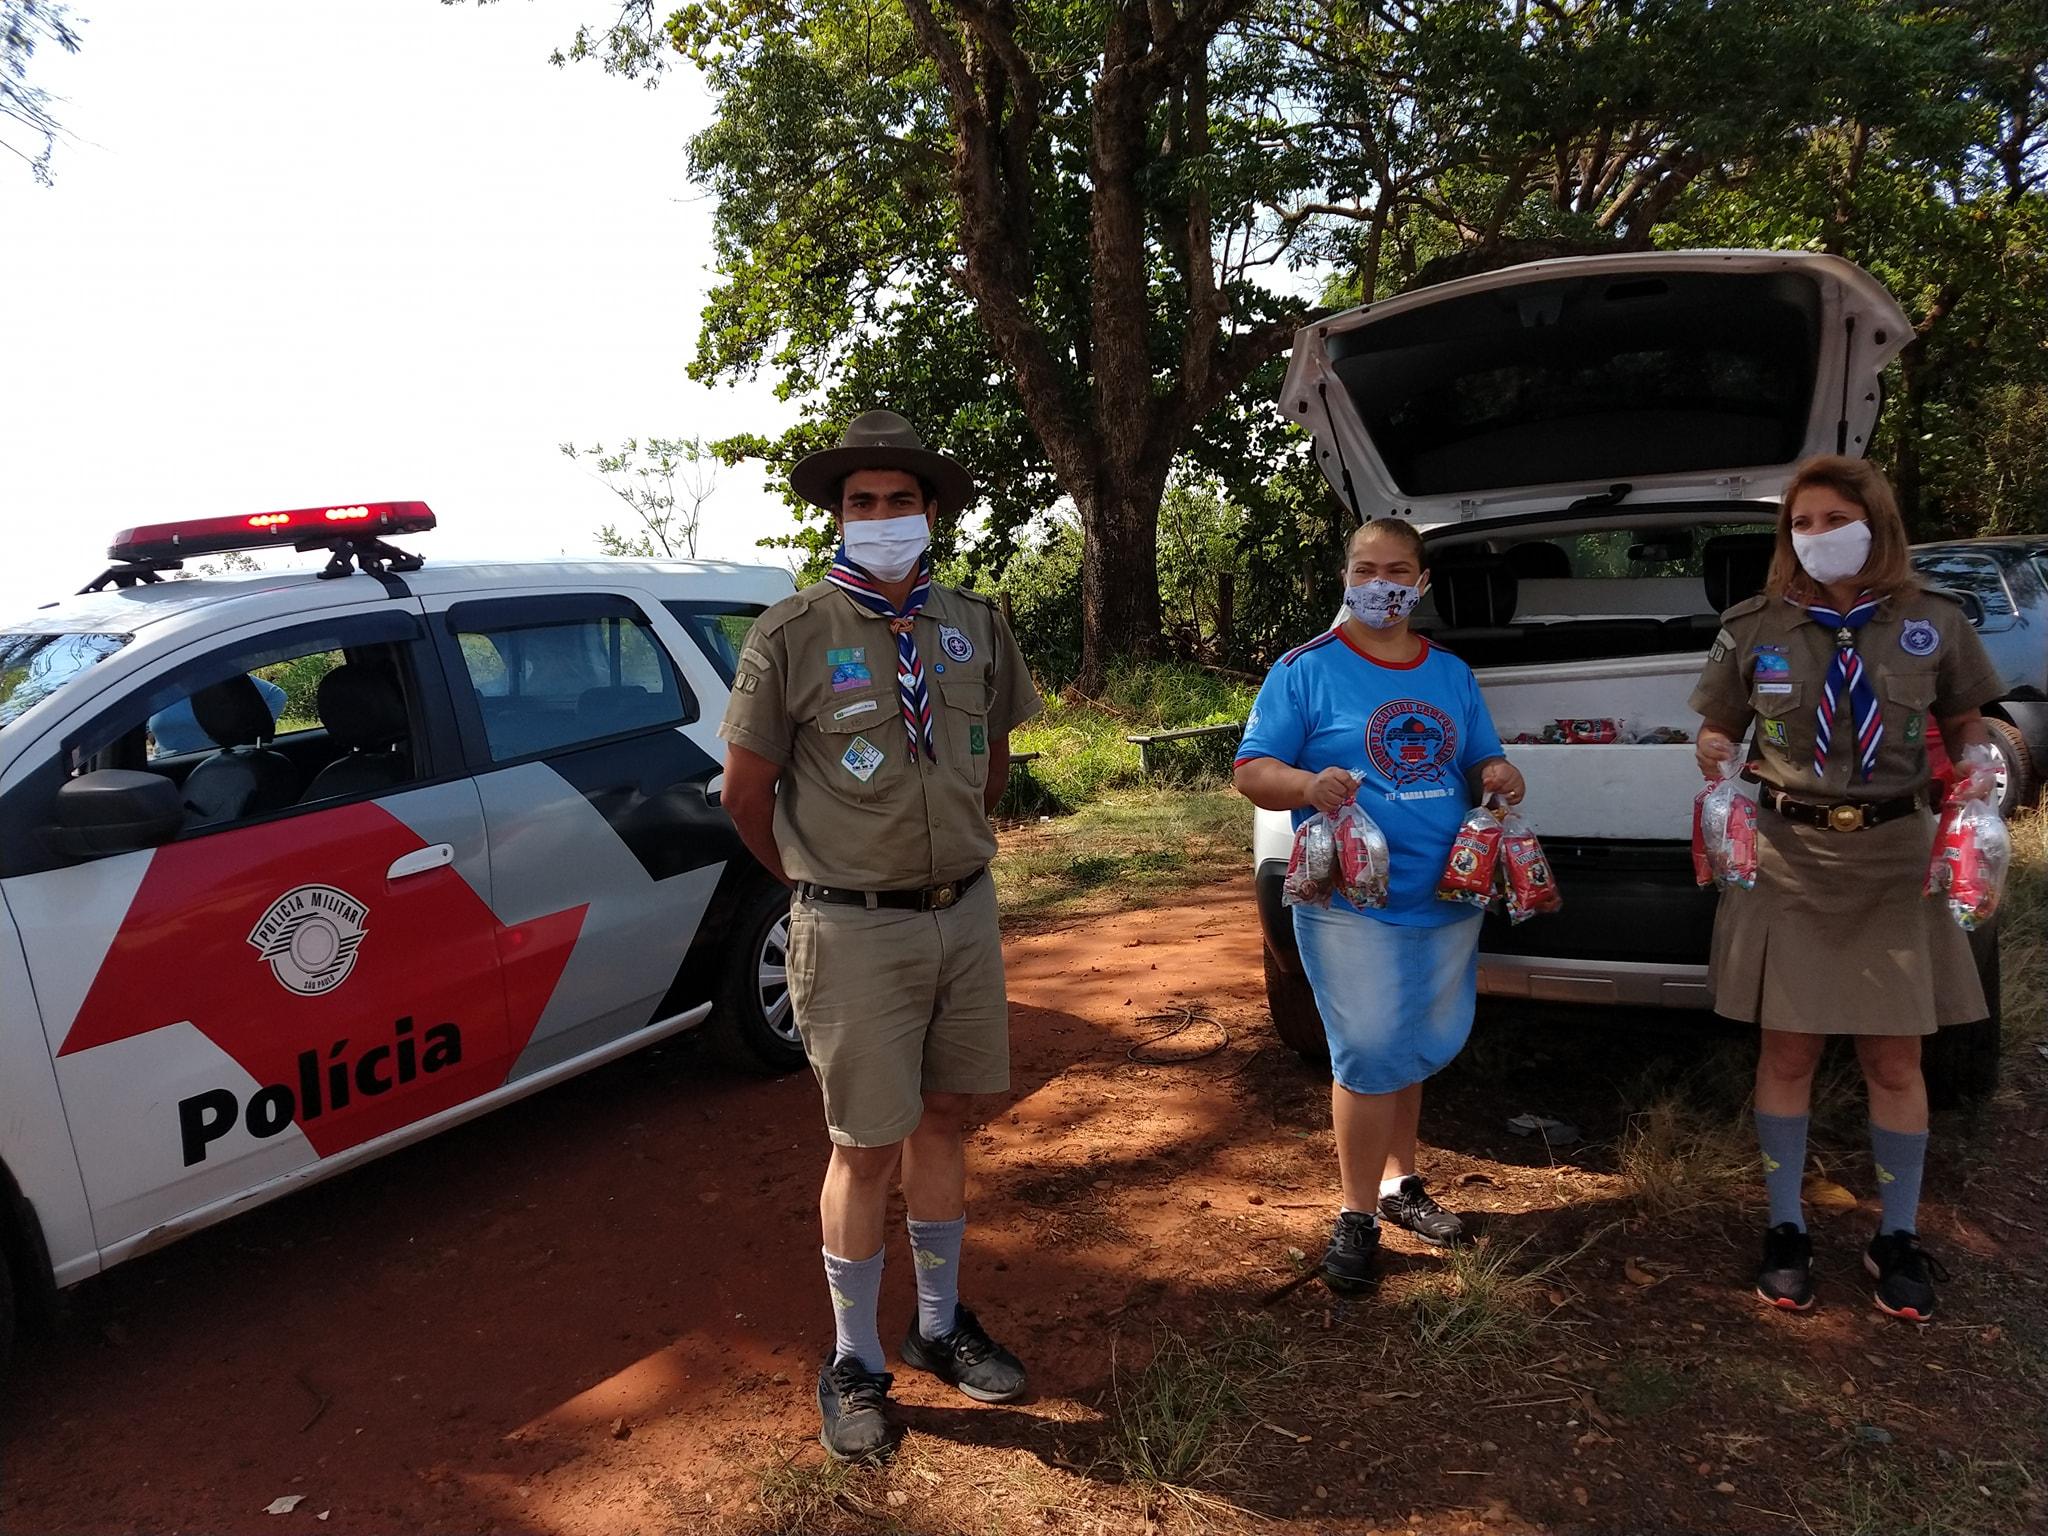 Grupo Escoteiro de Barra Bonita faz entrega especial no Dia das Crianças